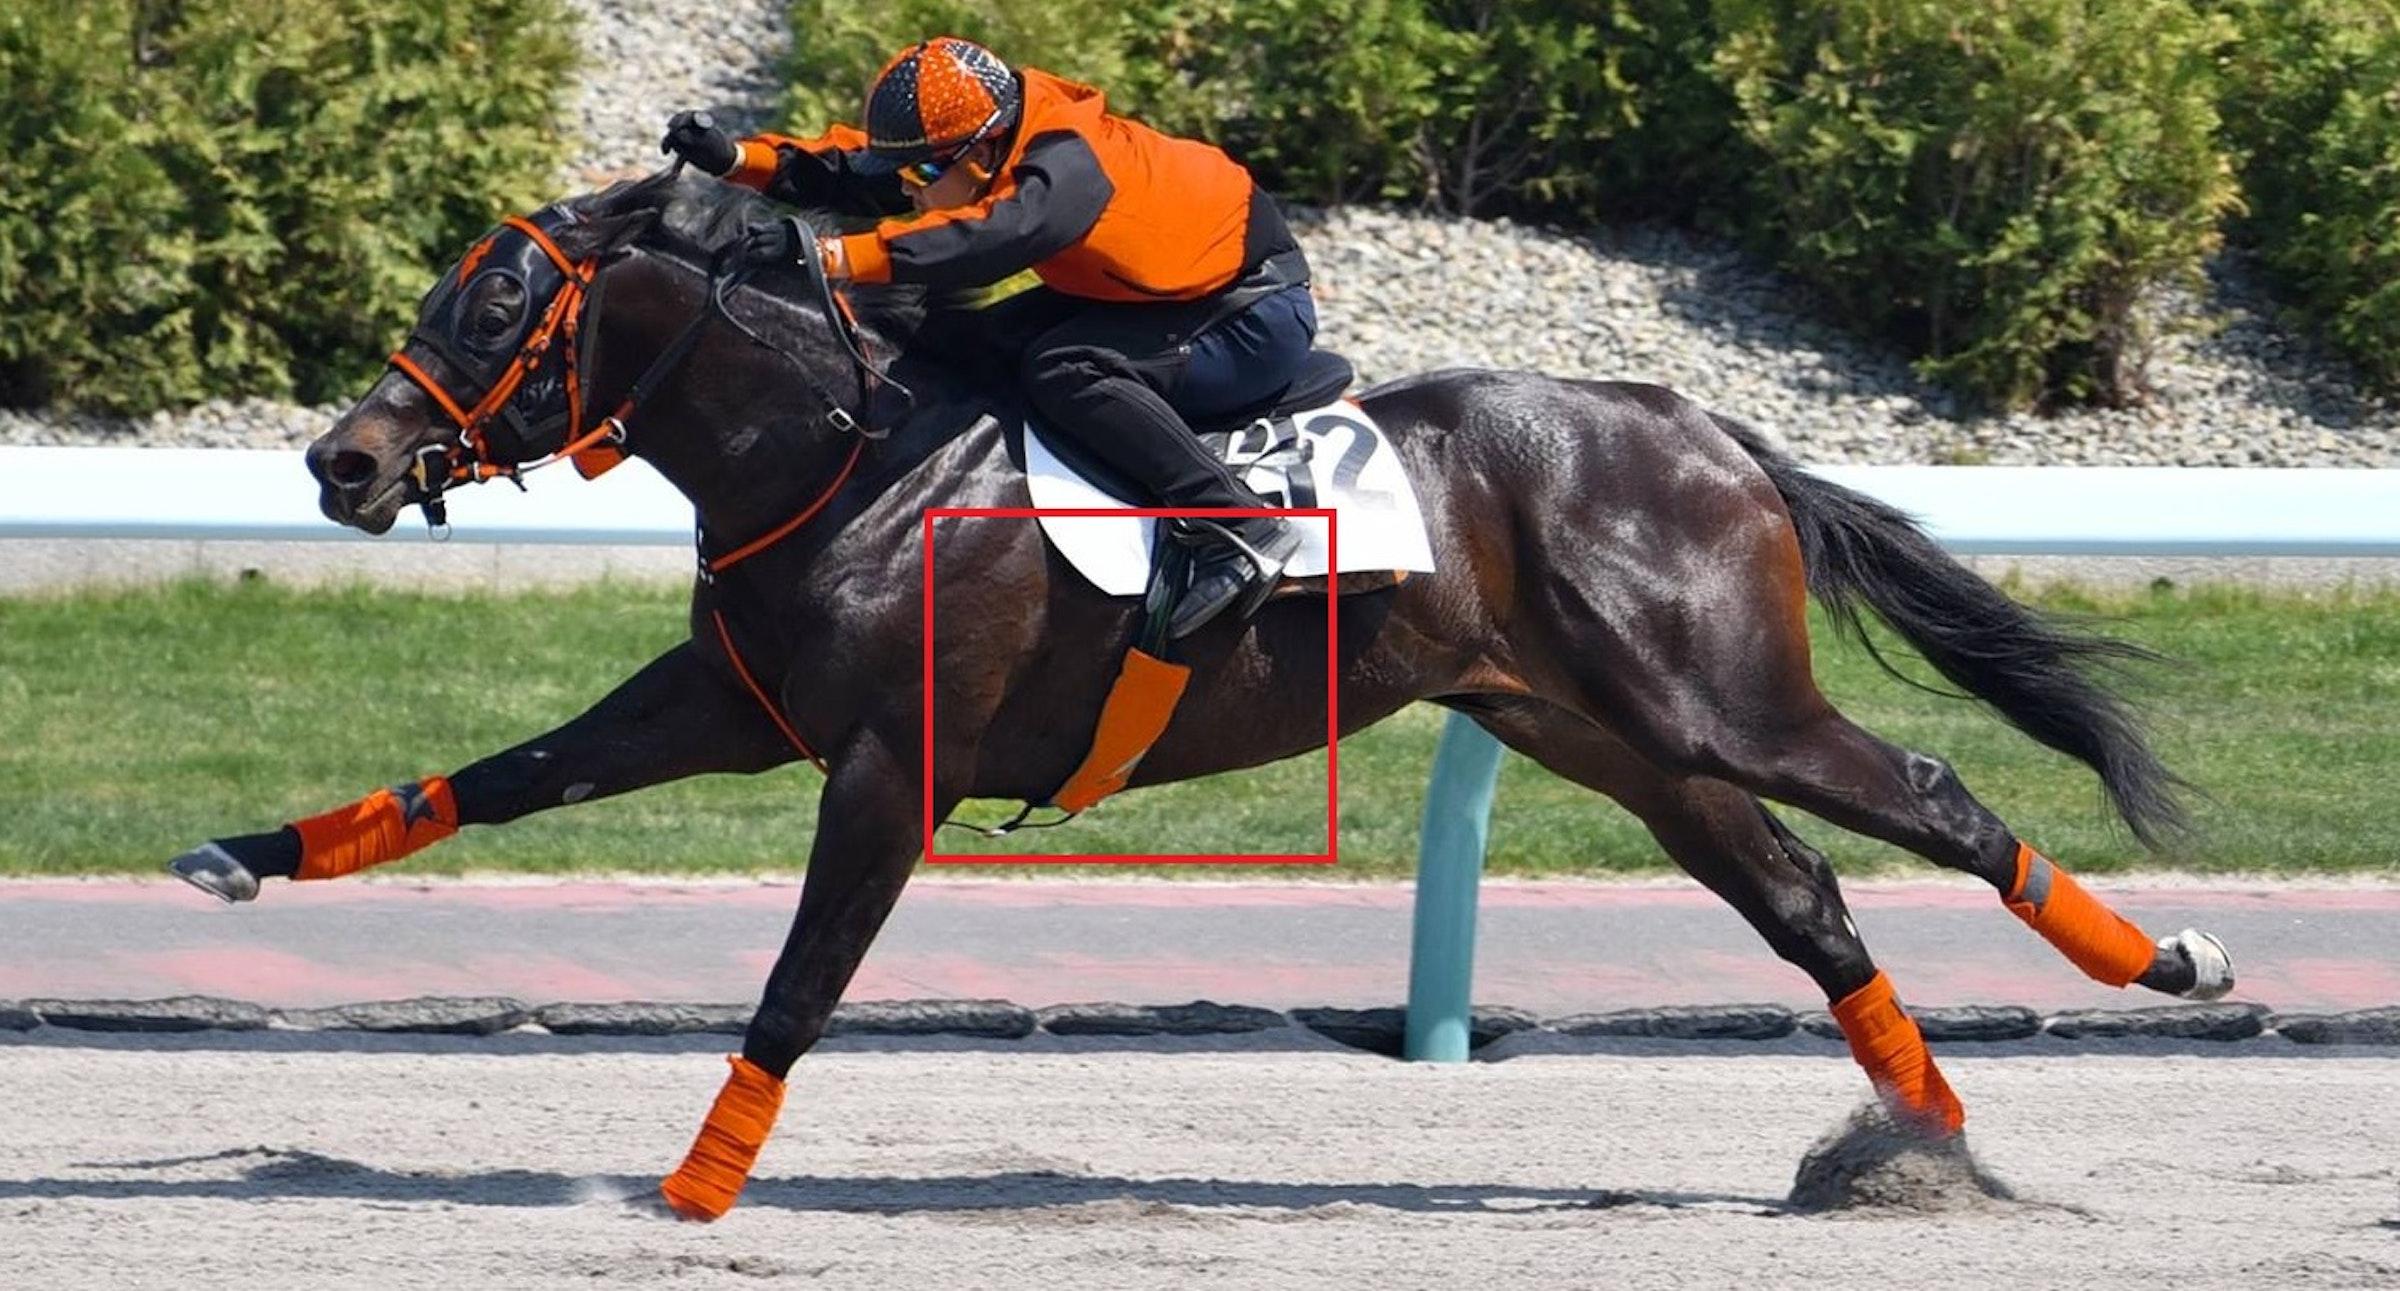 画像: 「Horsecall™」の心拍数計測用腹帯カバーを装着した競走馬